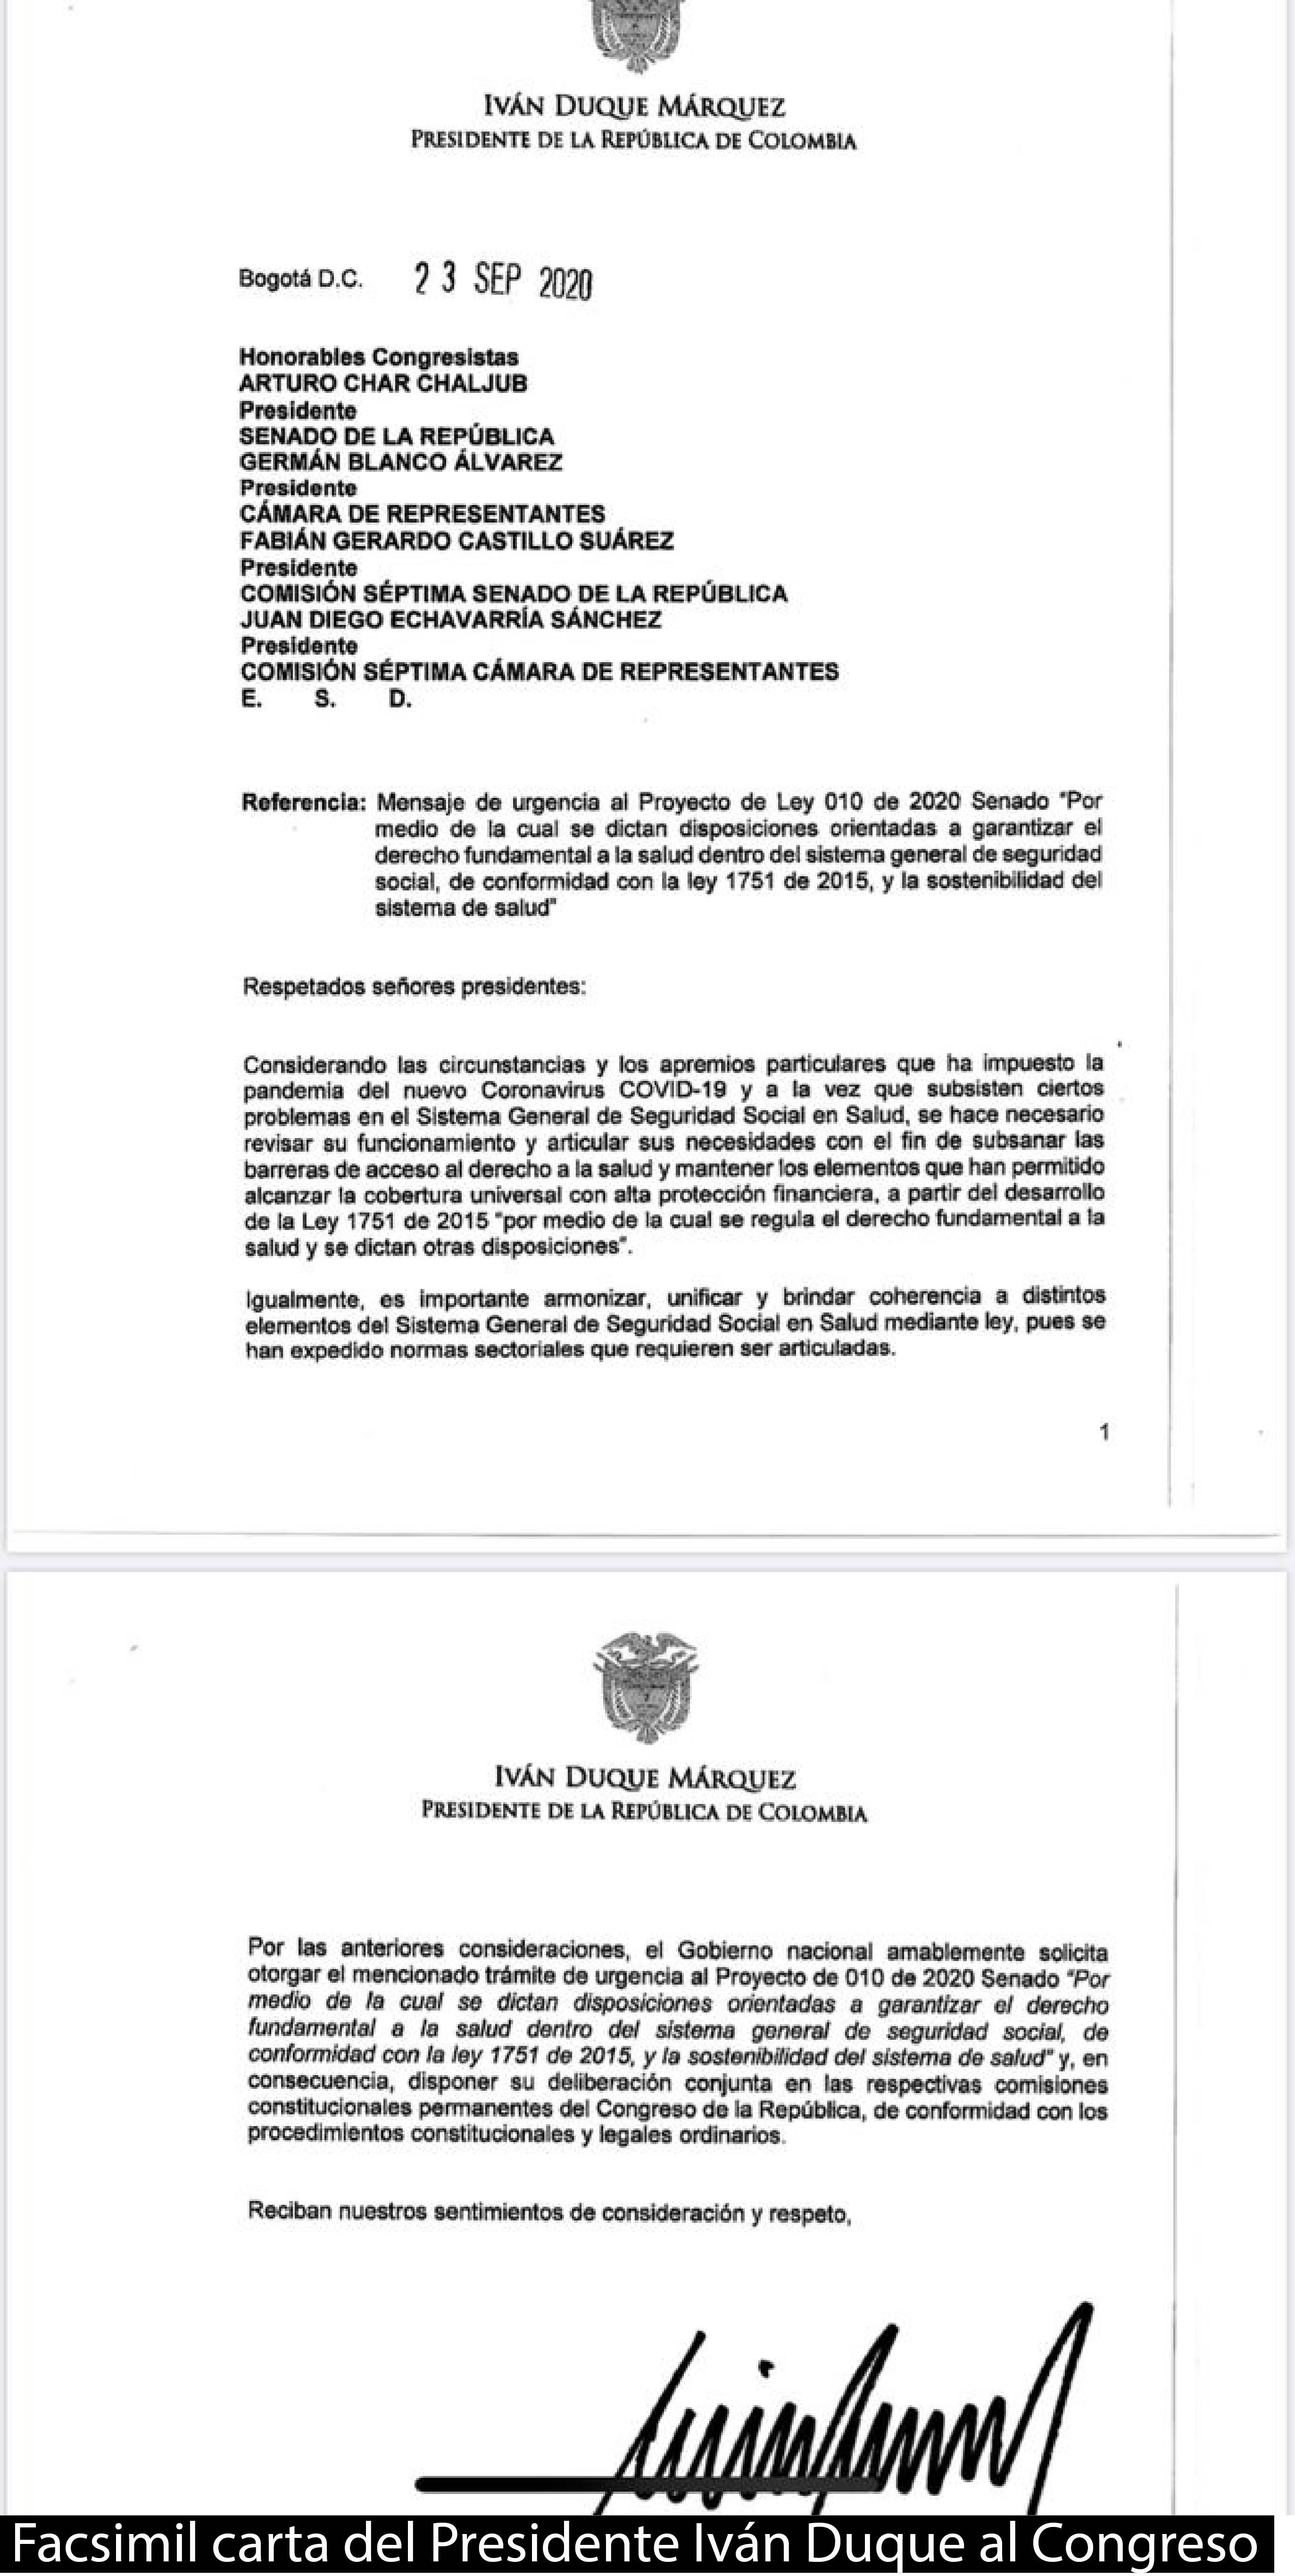 CARTA DEL PRESIDENTE AL CONGRESO